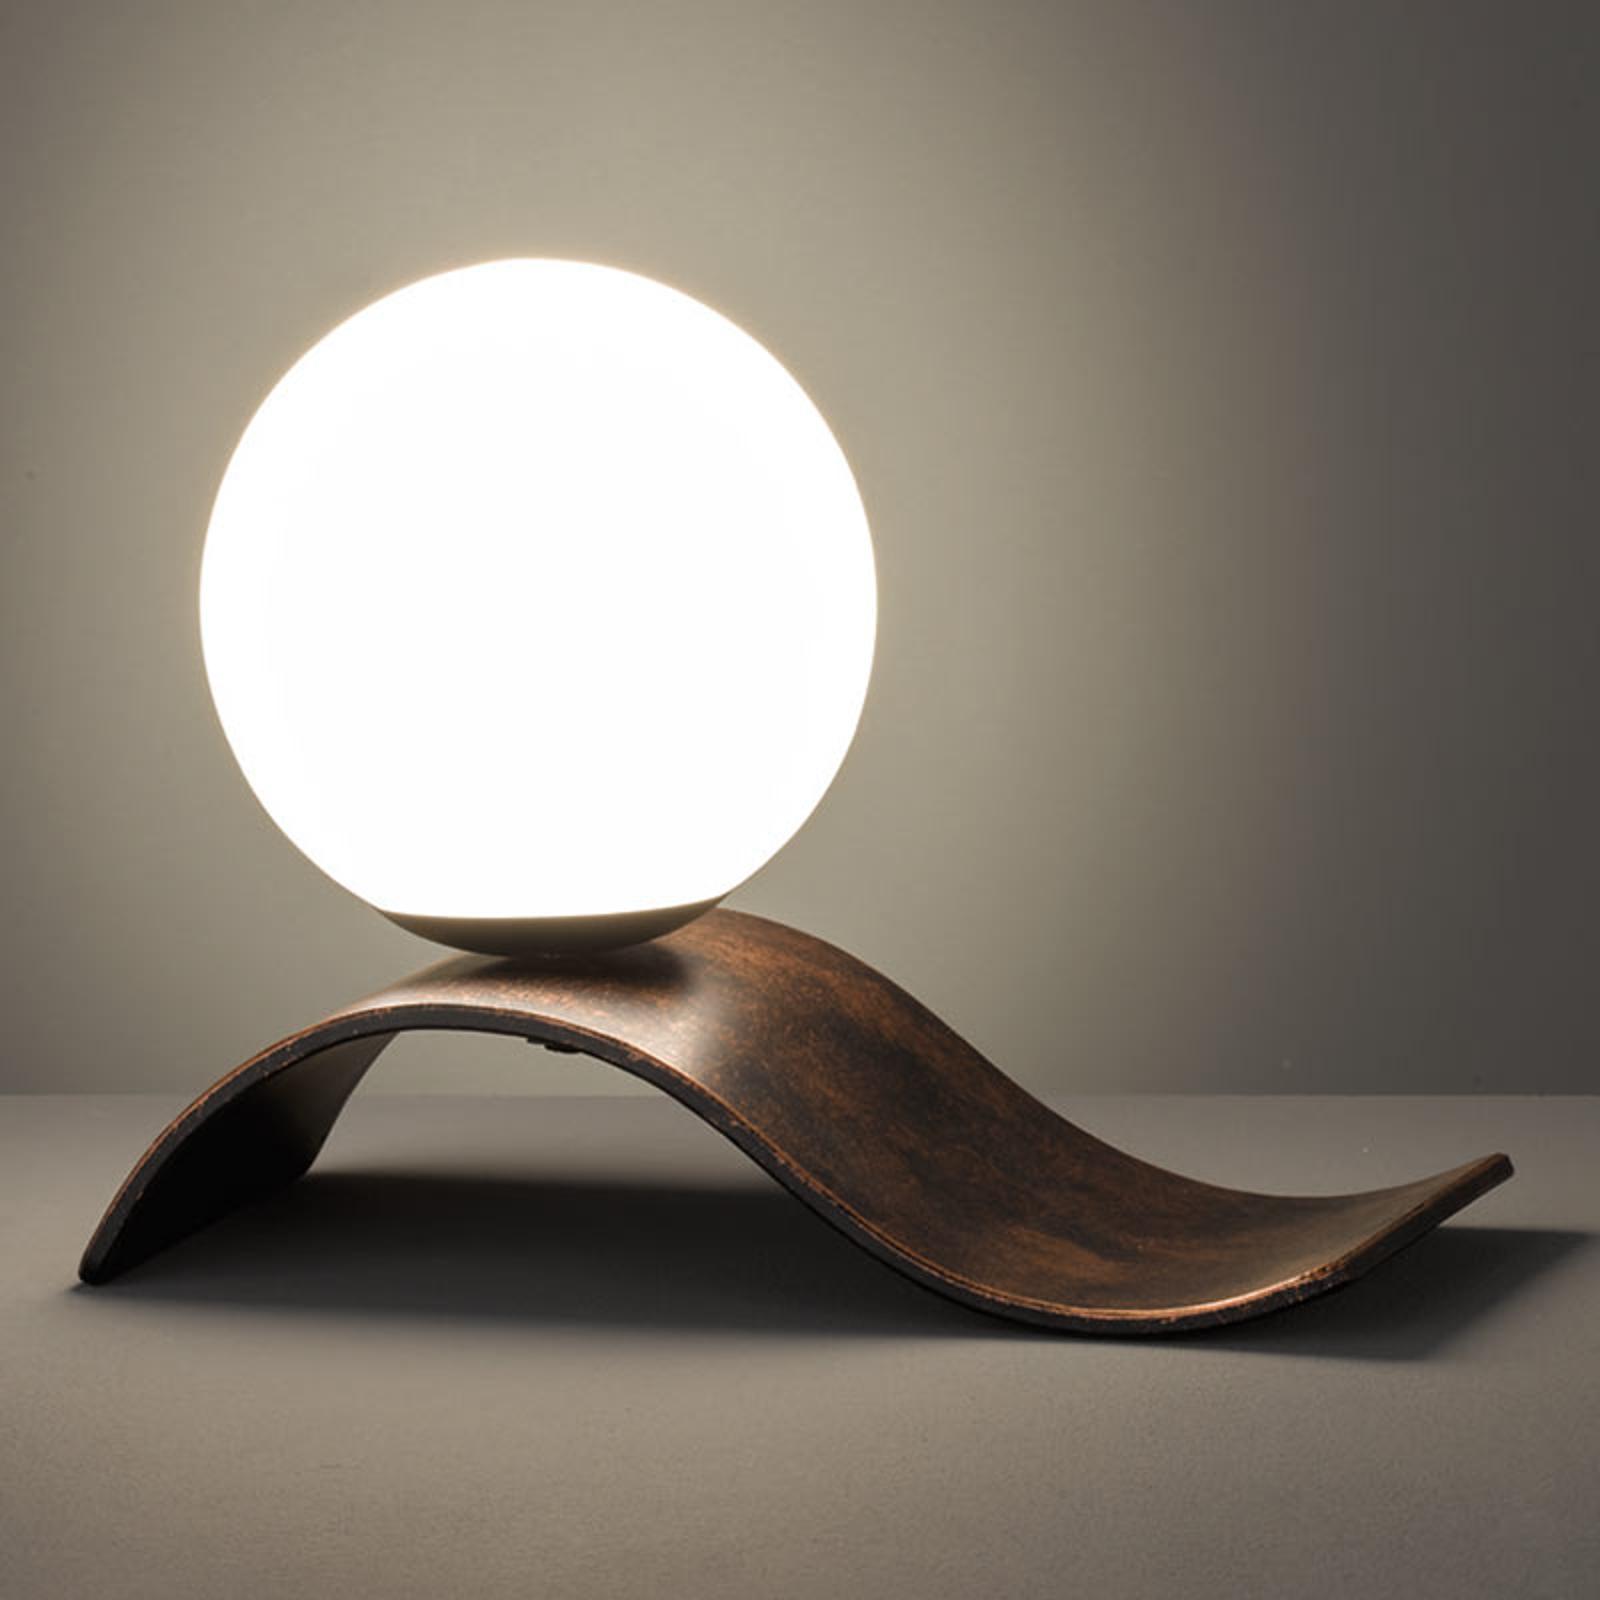 Skleněná stolní lampa Lara, měděná starožitná